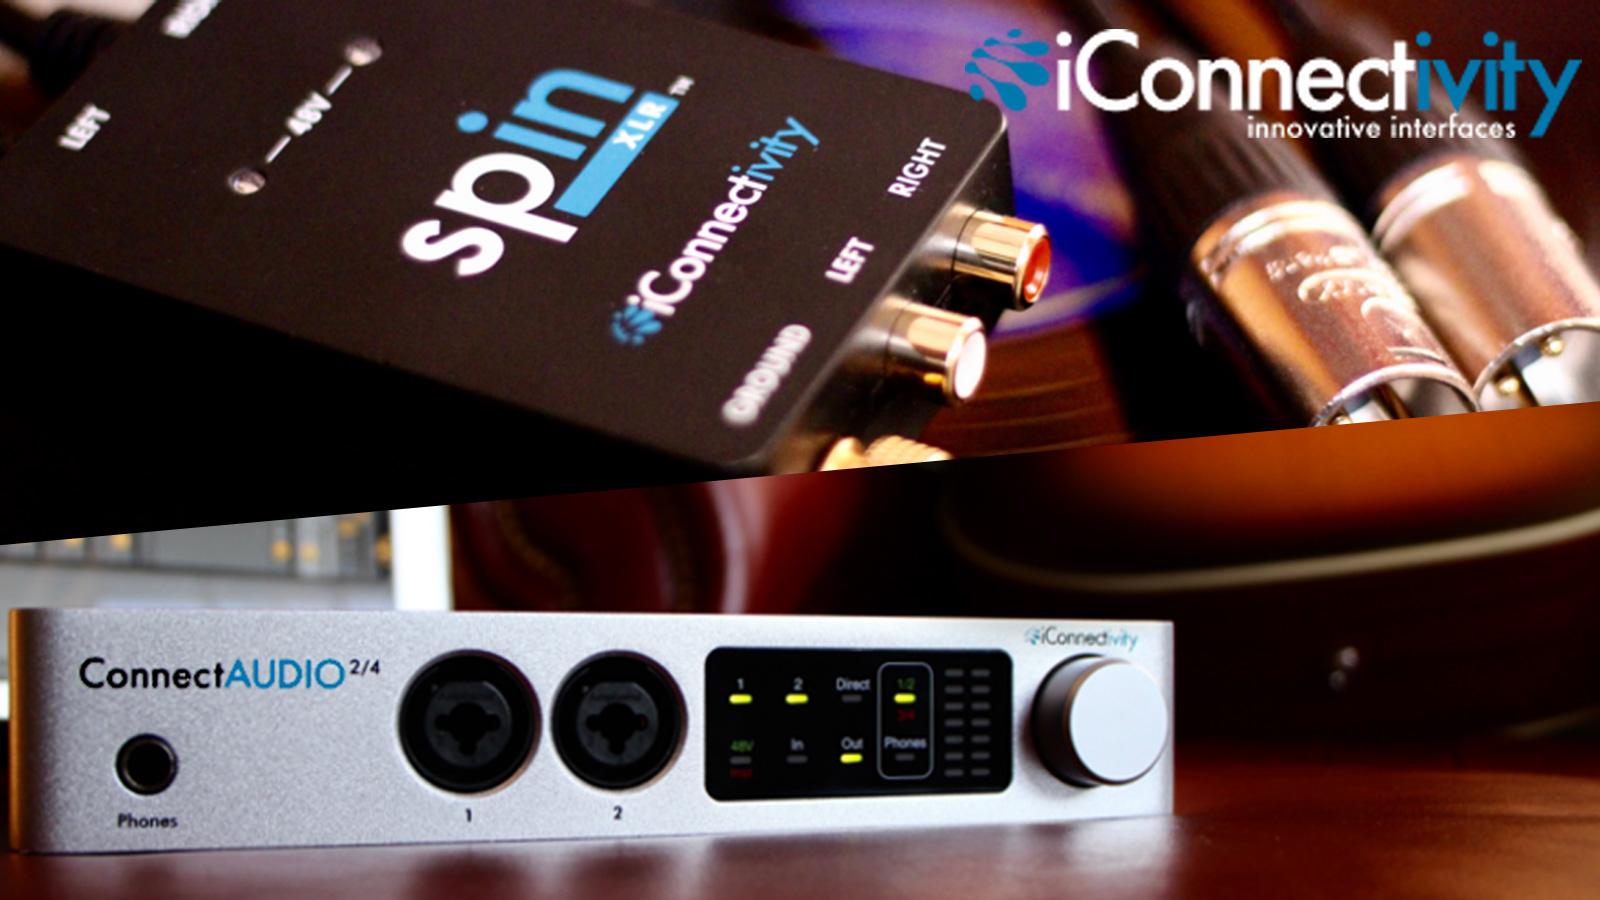 iConnectivityから新製品、ConnectAUDIO2/4とspinXLR、2/24(金)発売